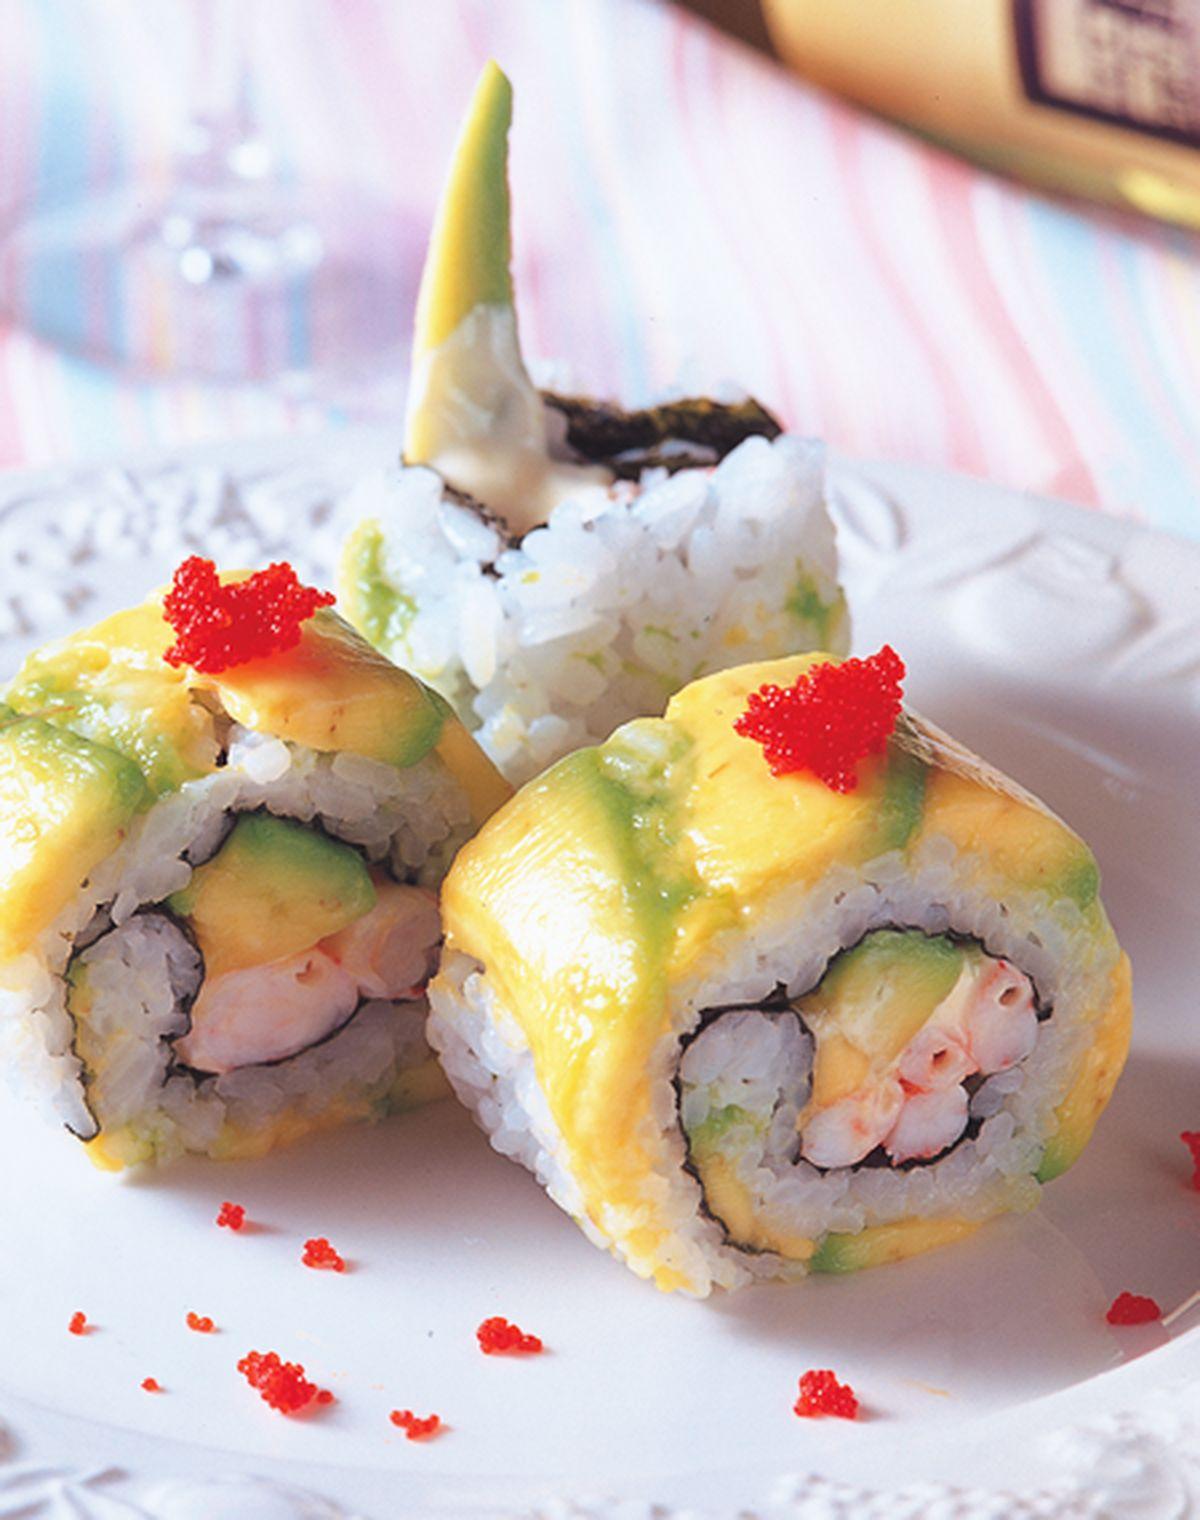 食譜:酪梨鮮蝦卷